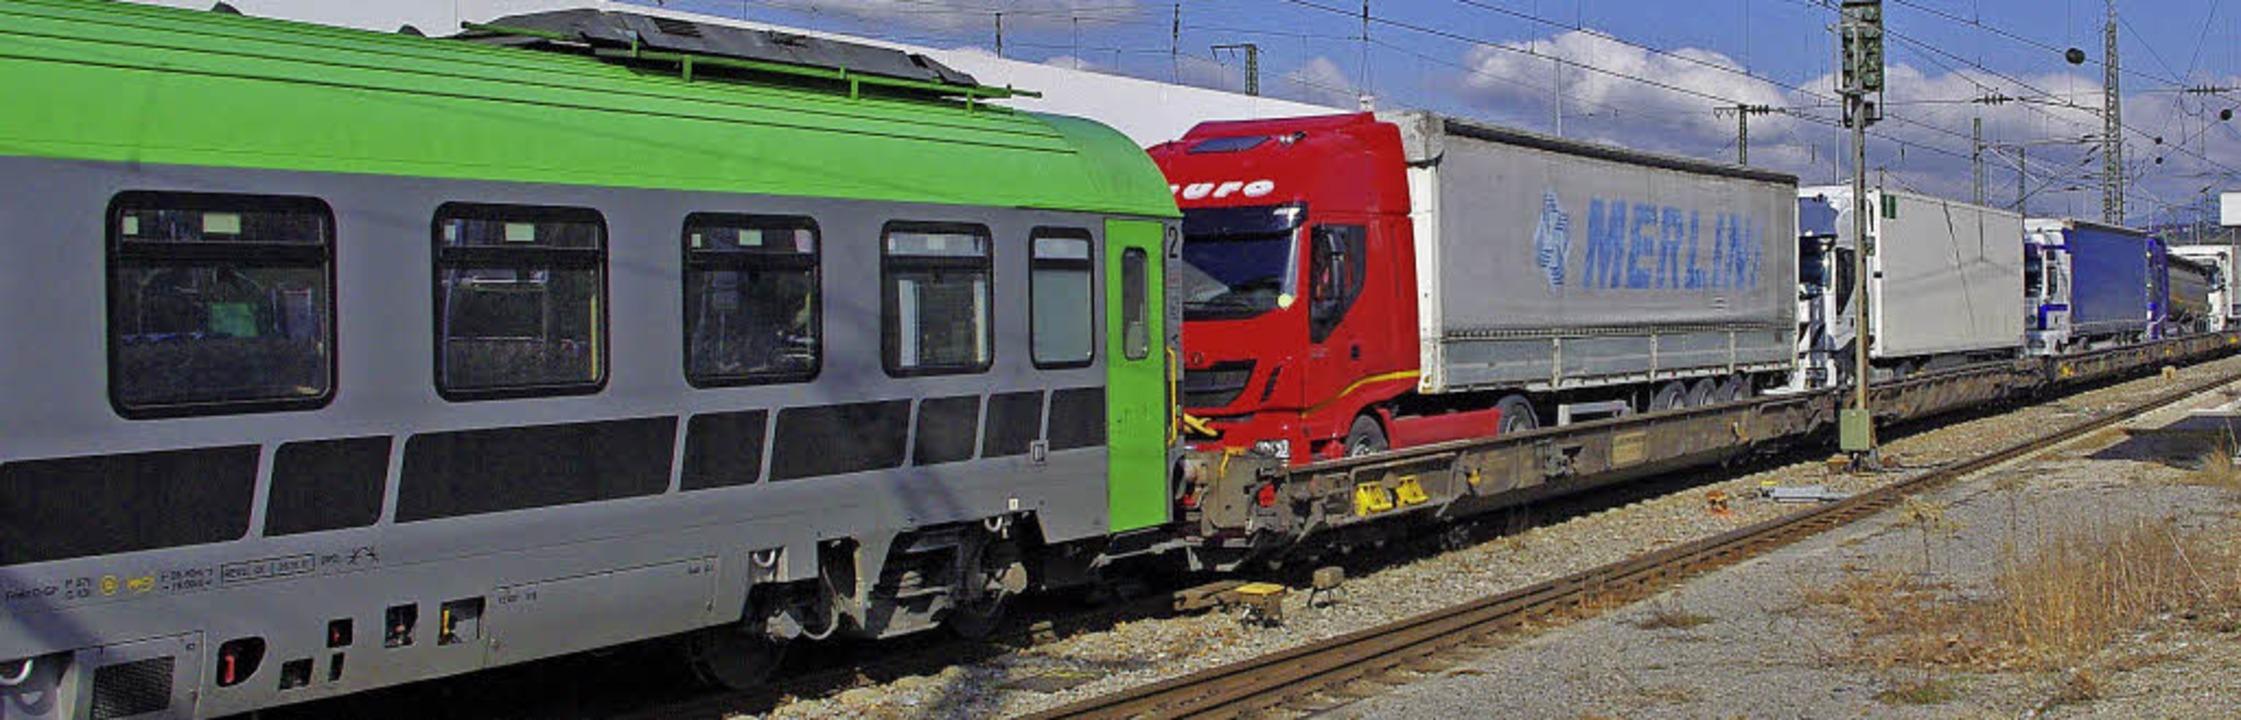 Der Begleitwagen (links) muss immer hi...t noch in Weil gedreht werden müssen.     Foto: Reißmann